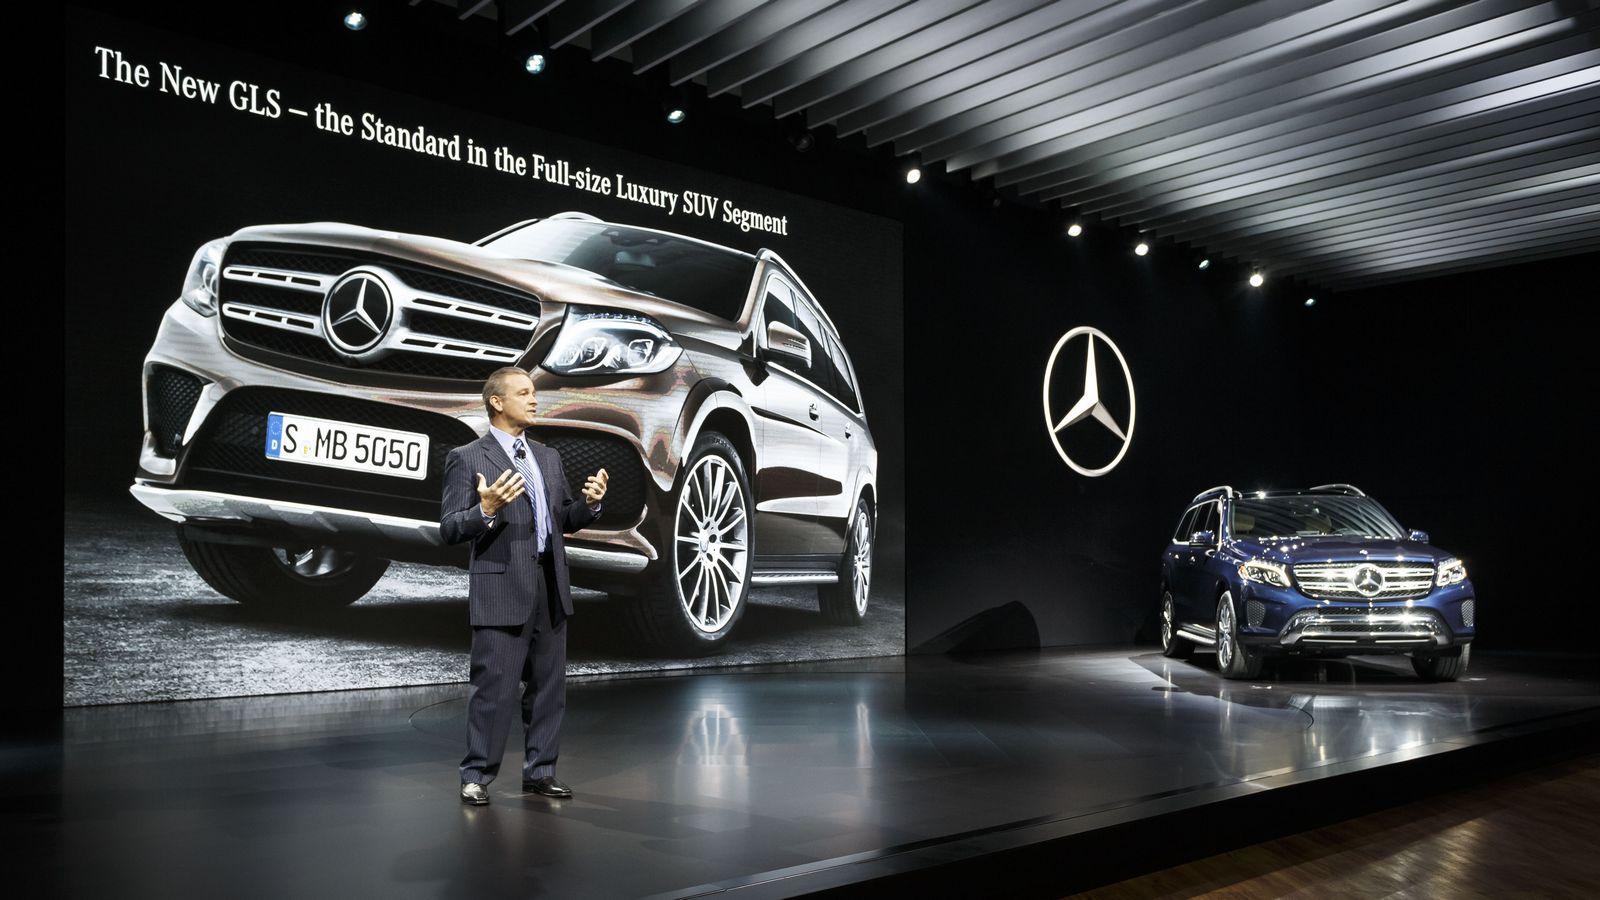 Gleich Zwei Weltpremieren In Der Kategorie U201eDream Carsu201c Feiert Mercedes Benz  Auf Der Los Angeles ...